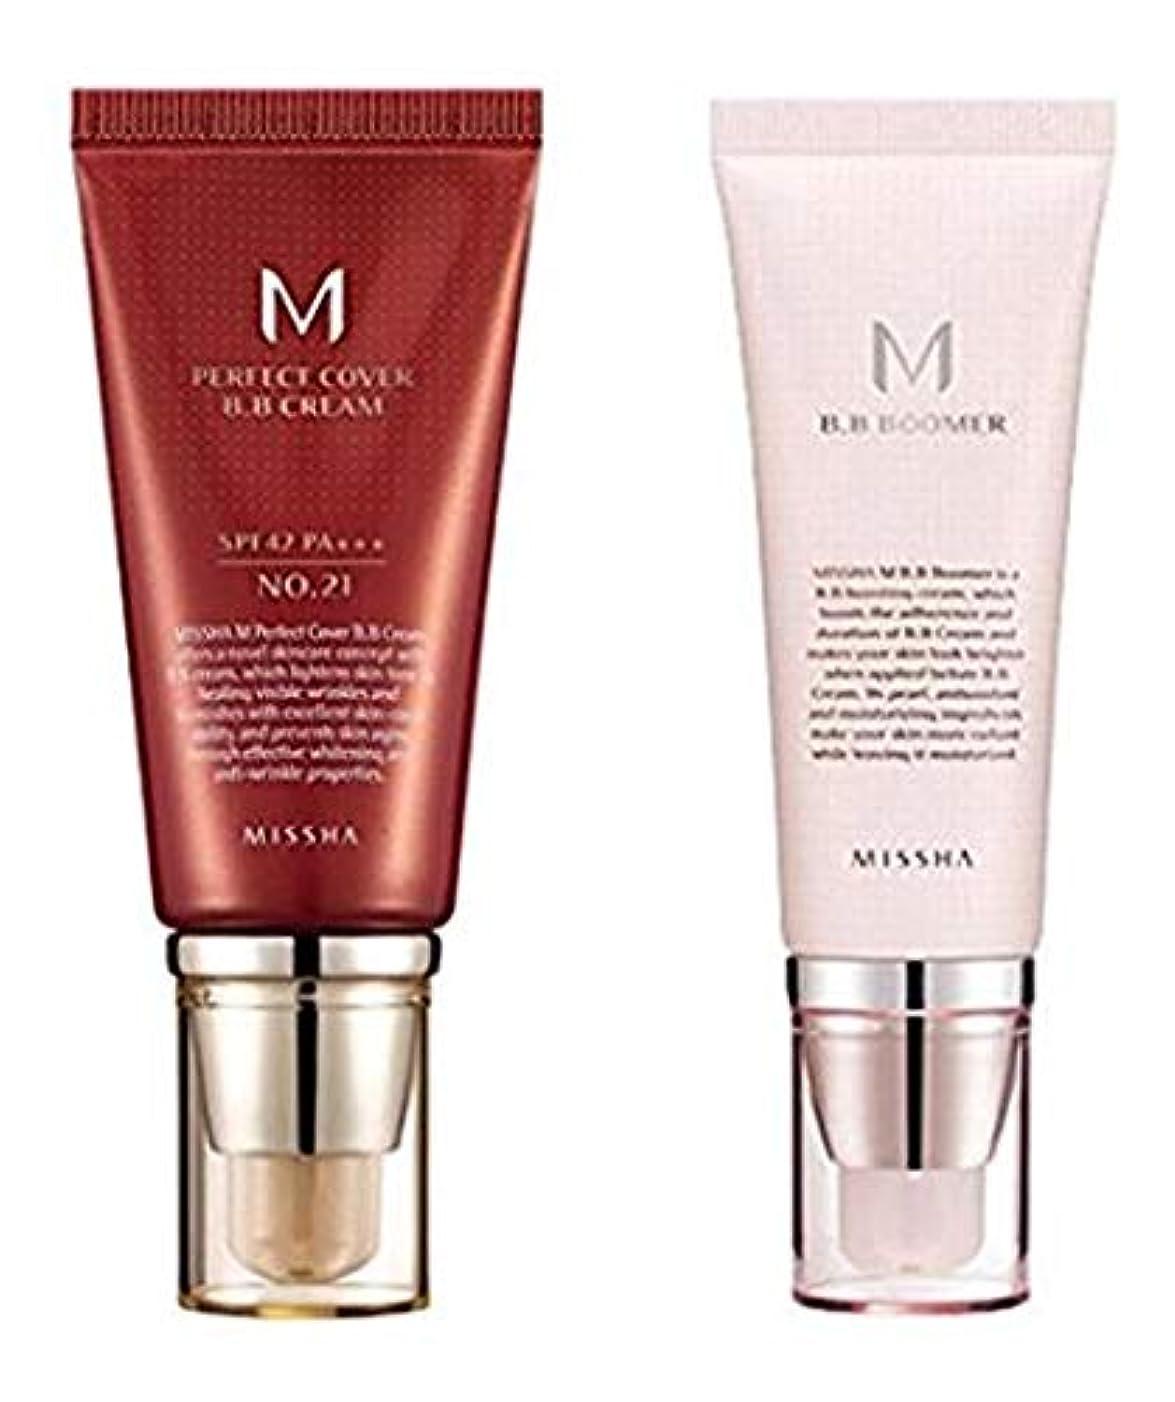 推進、動かすロシアハウジングMISSHA M Perfect Cover BB cream #21 + M BB Boomer / ミシャ M パーフェクトカバー BBクリーム 50ml + M BBブーマー40ml [並行輸入品]